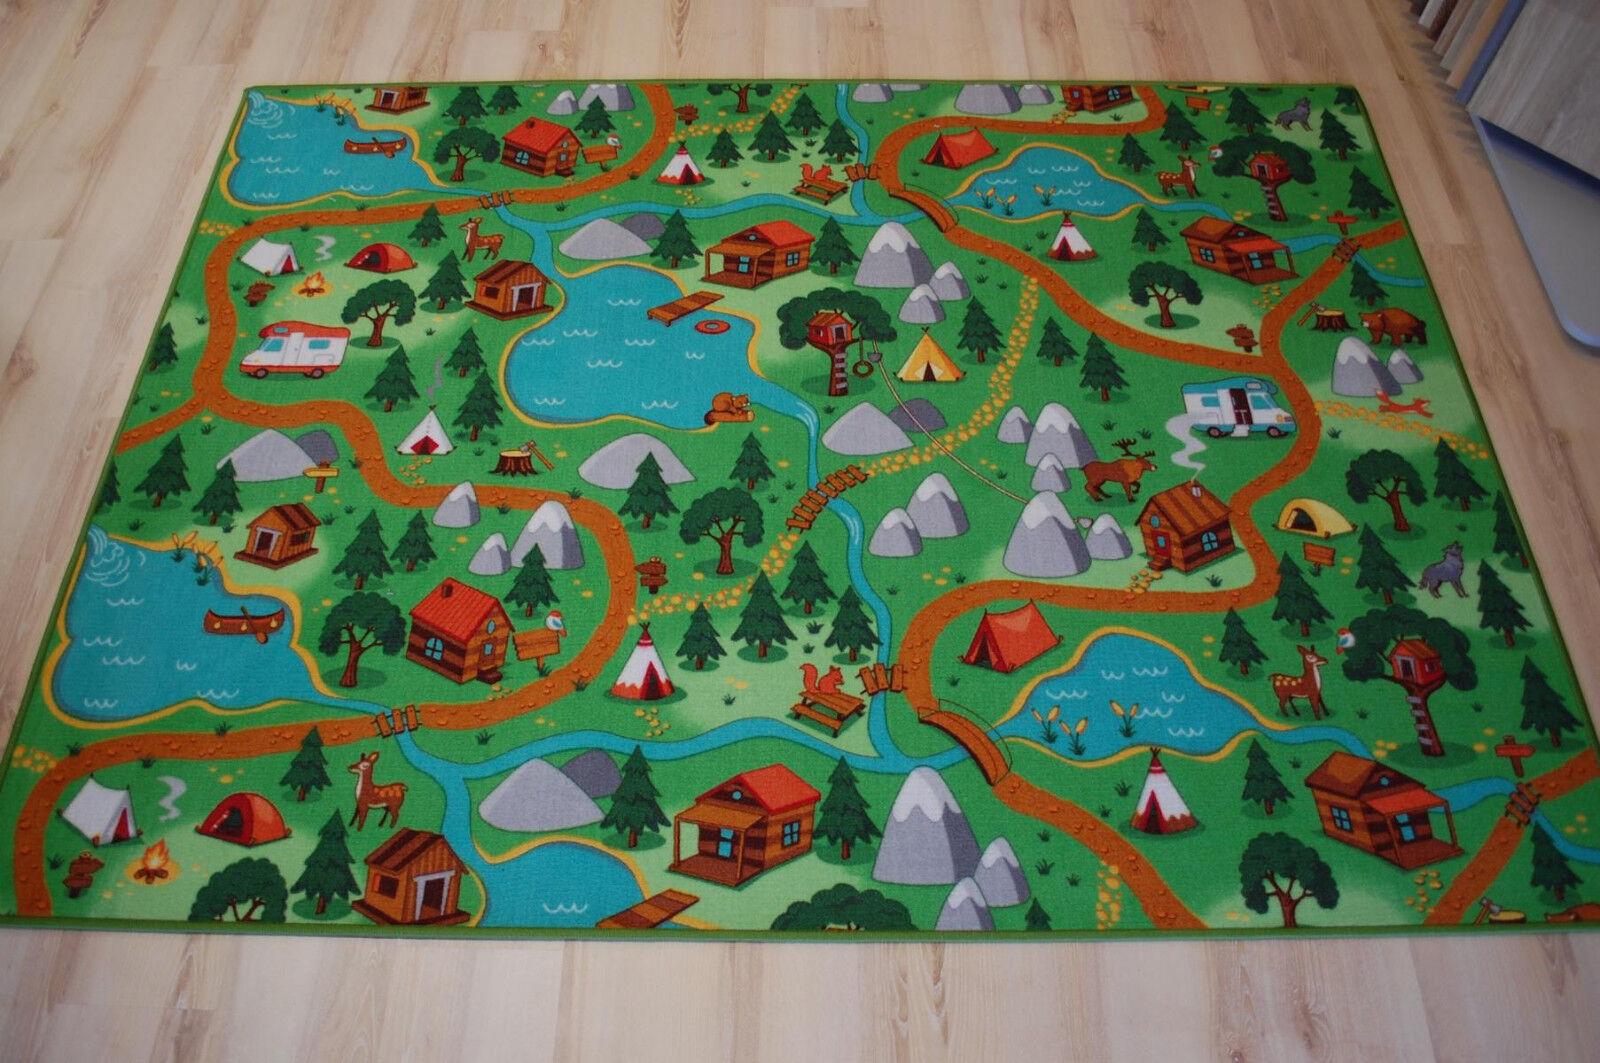 Bambini tappeto gioco tappeto CAMPEGGIO BOSCO velluto verde 200x220 CM BOSCO CAMPEGGIO 99d1e3